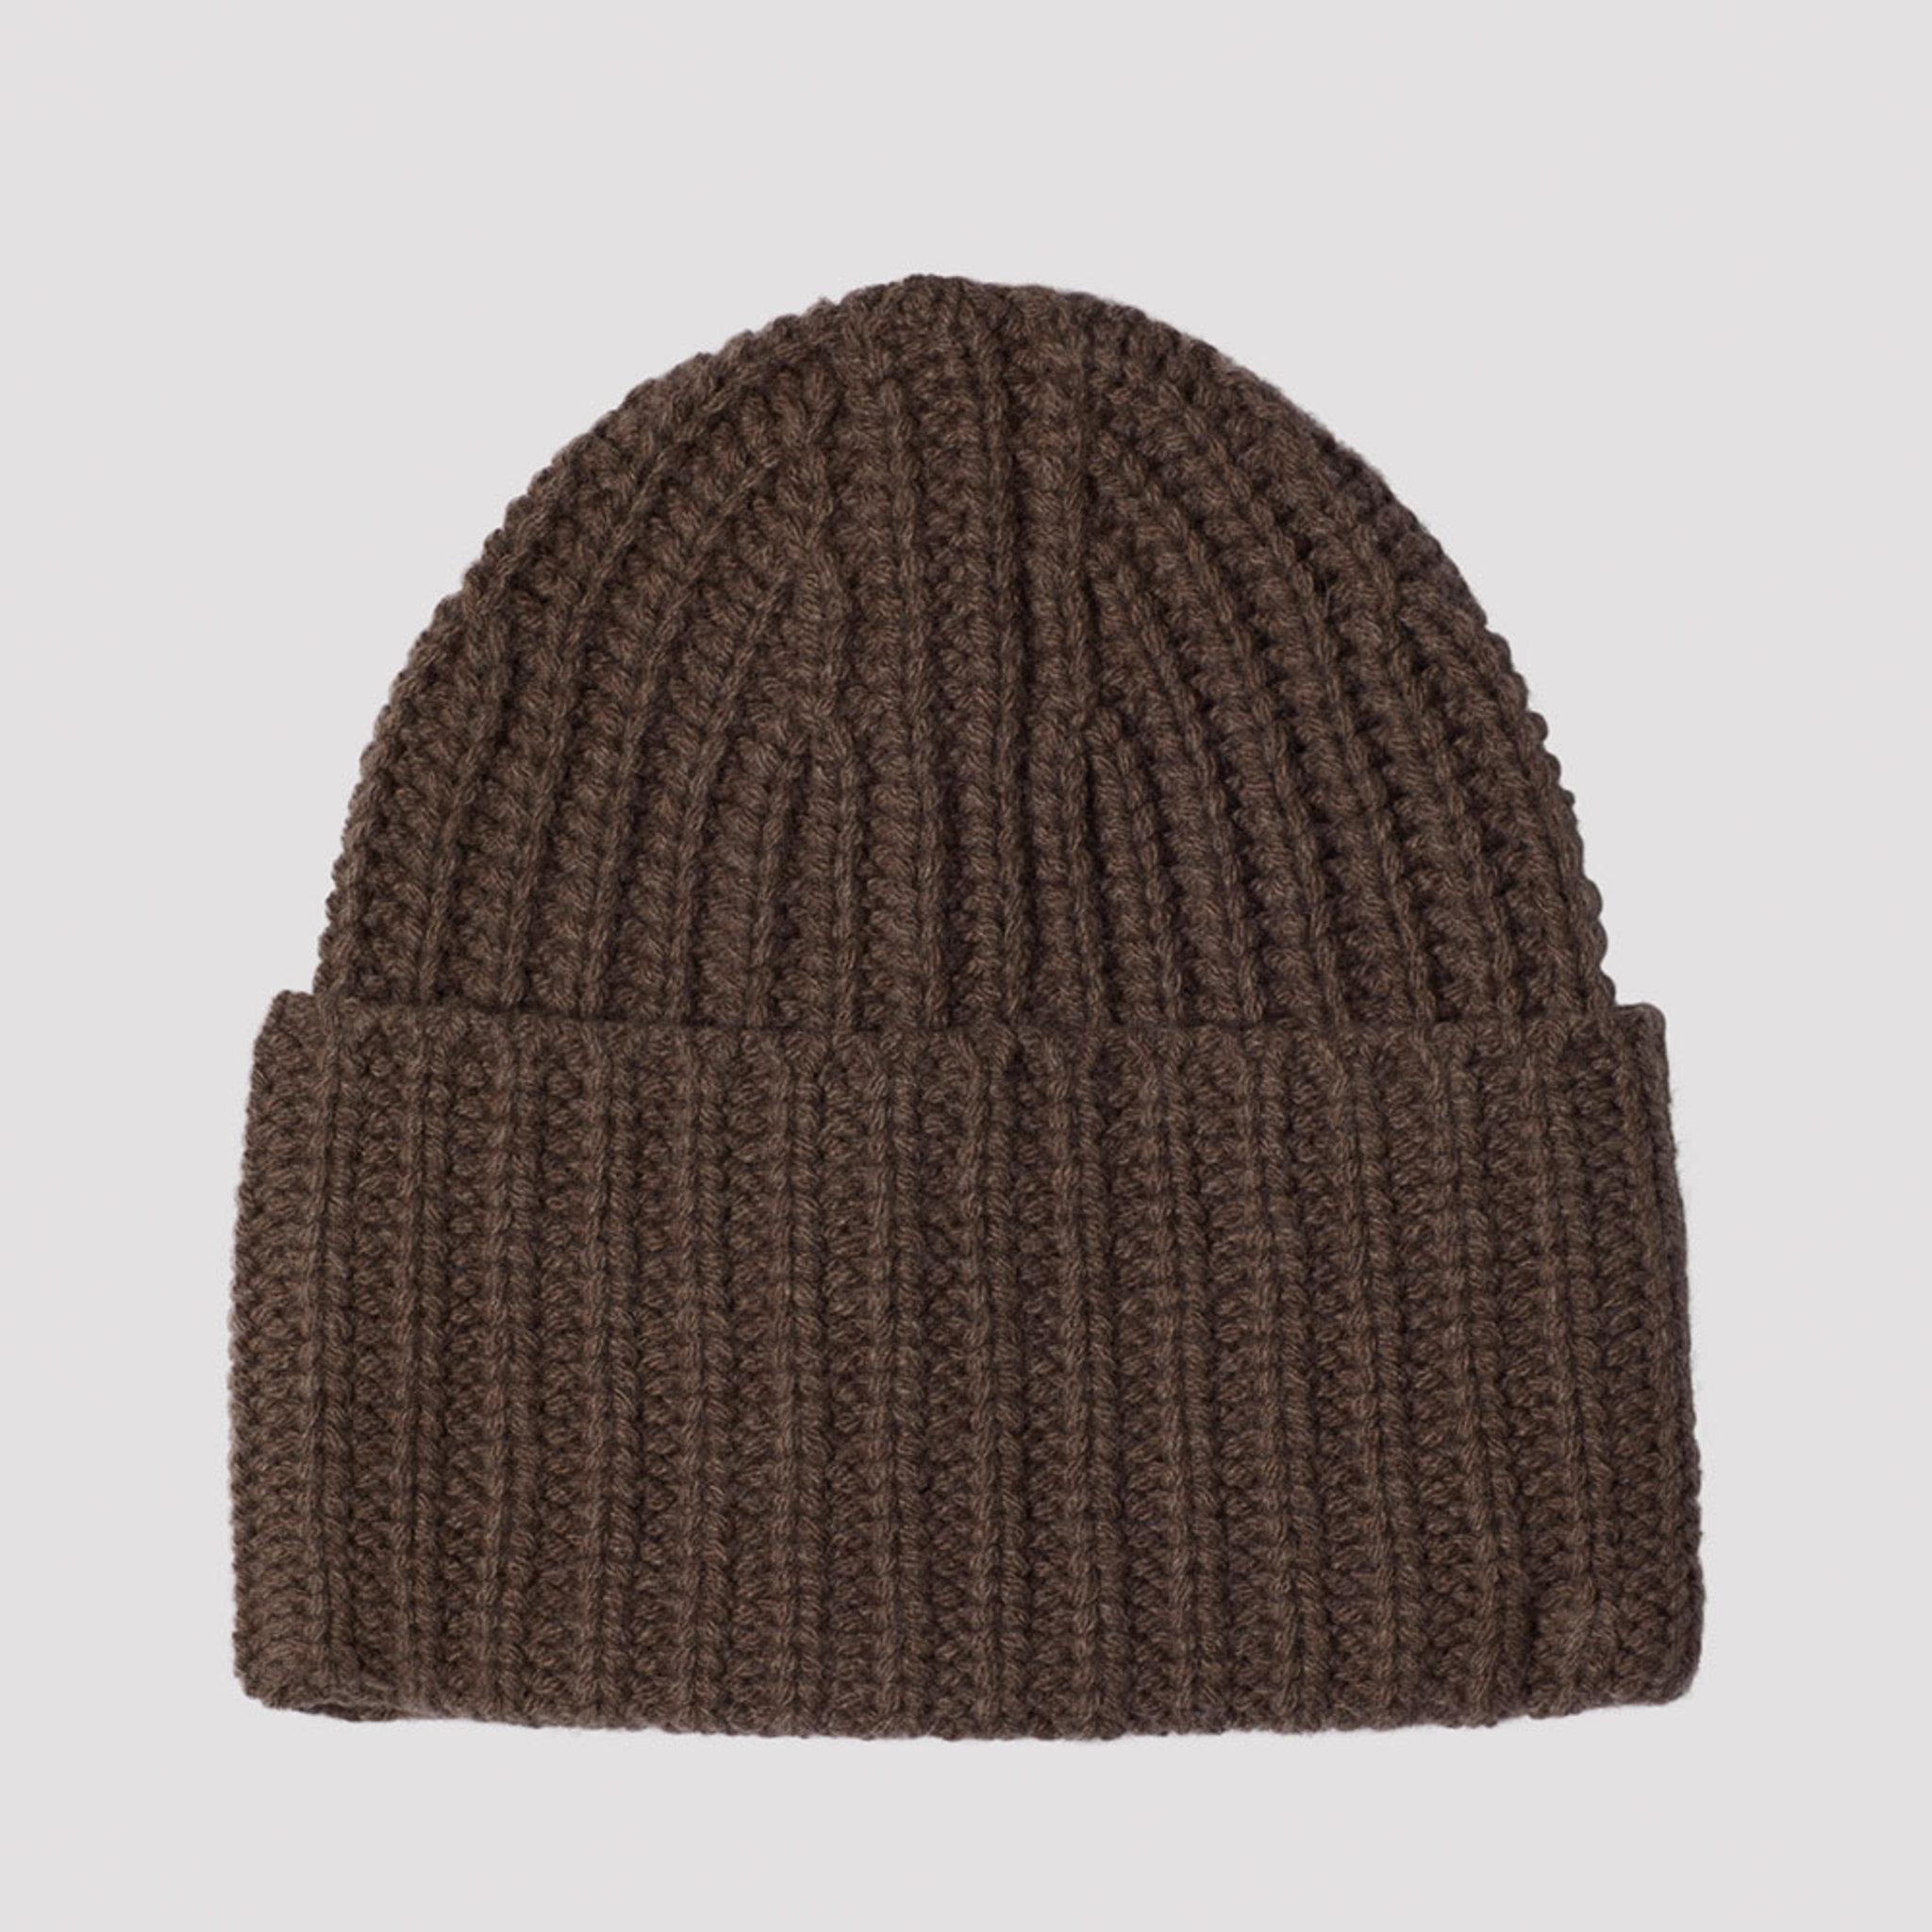 Corinne hat